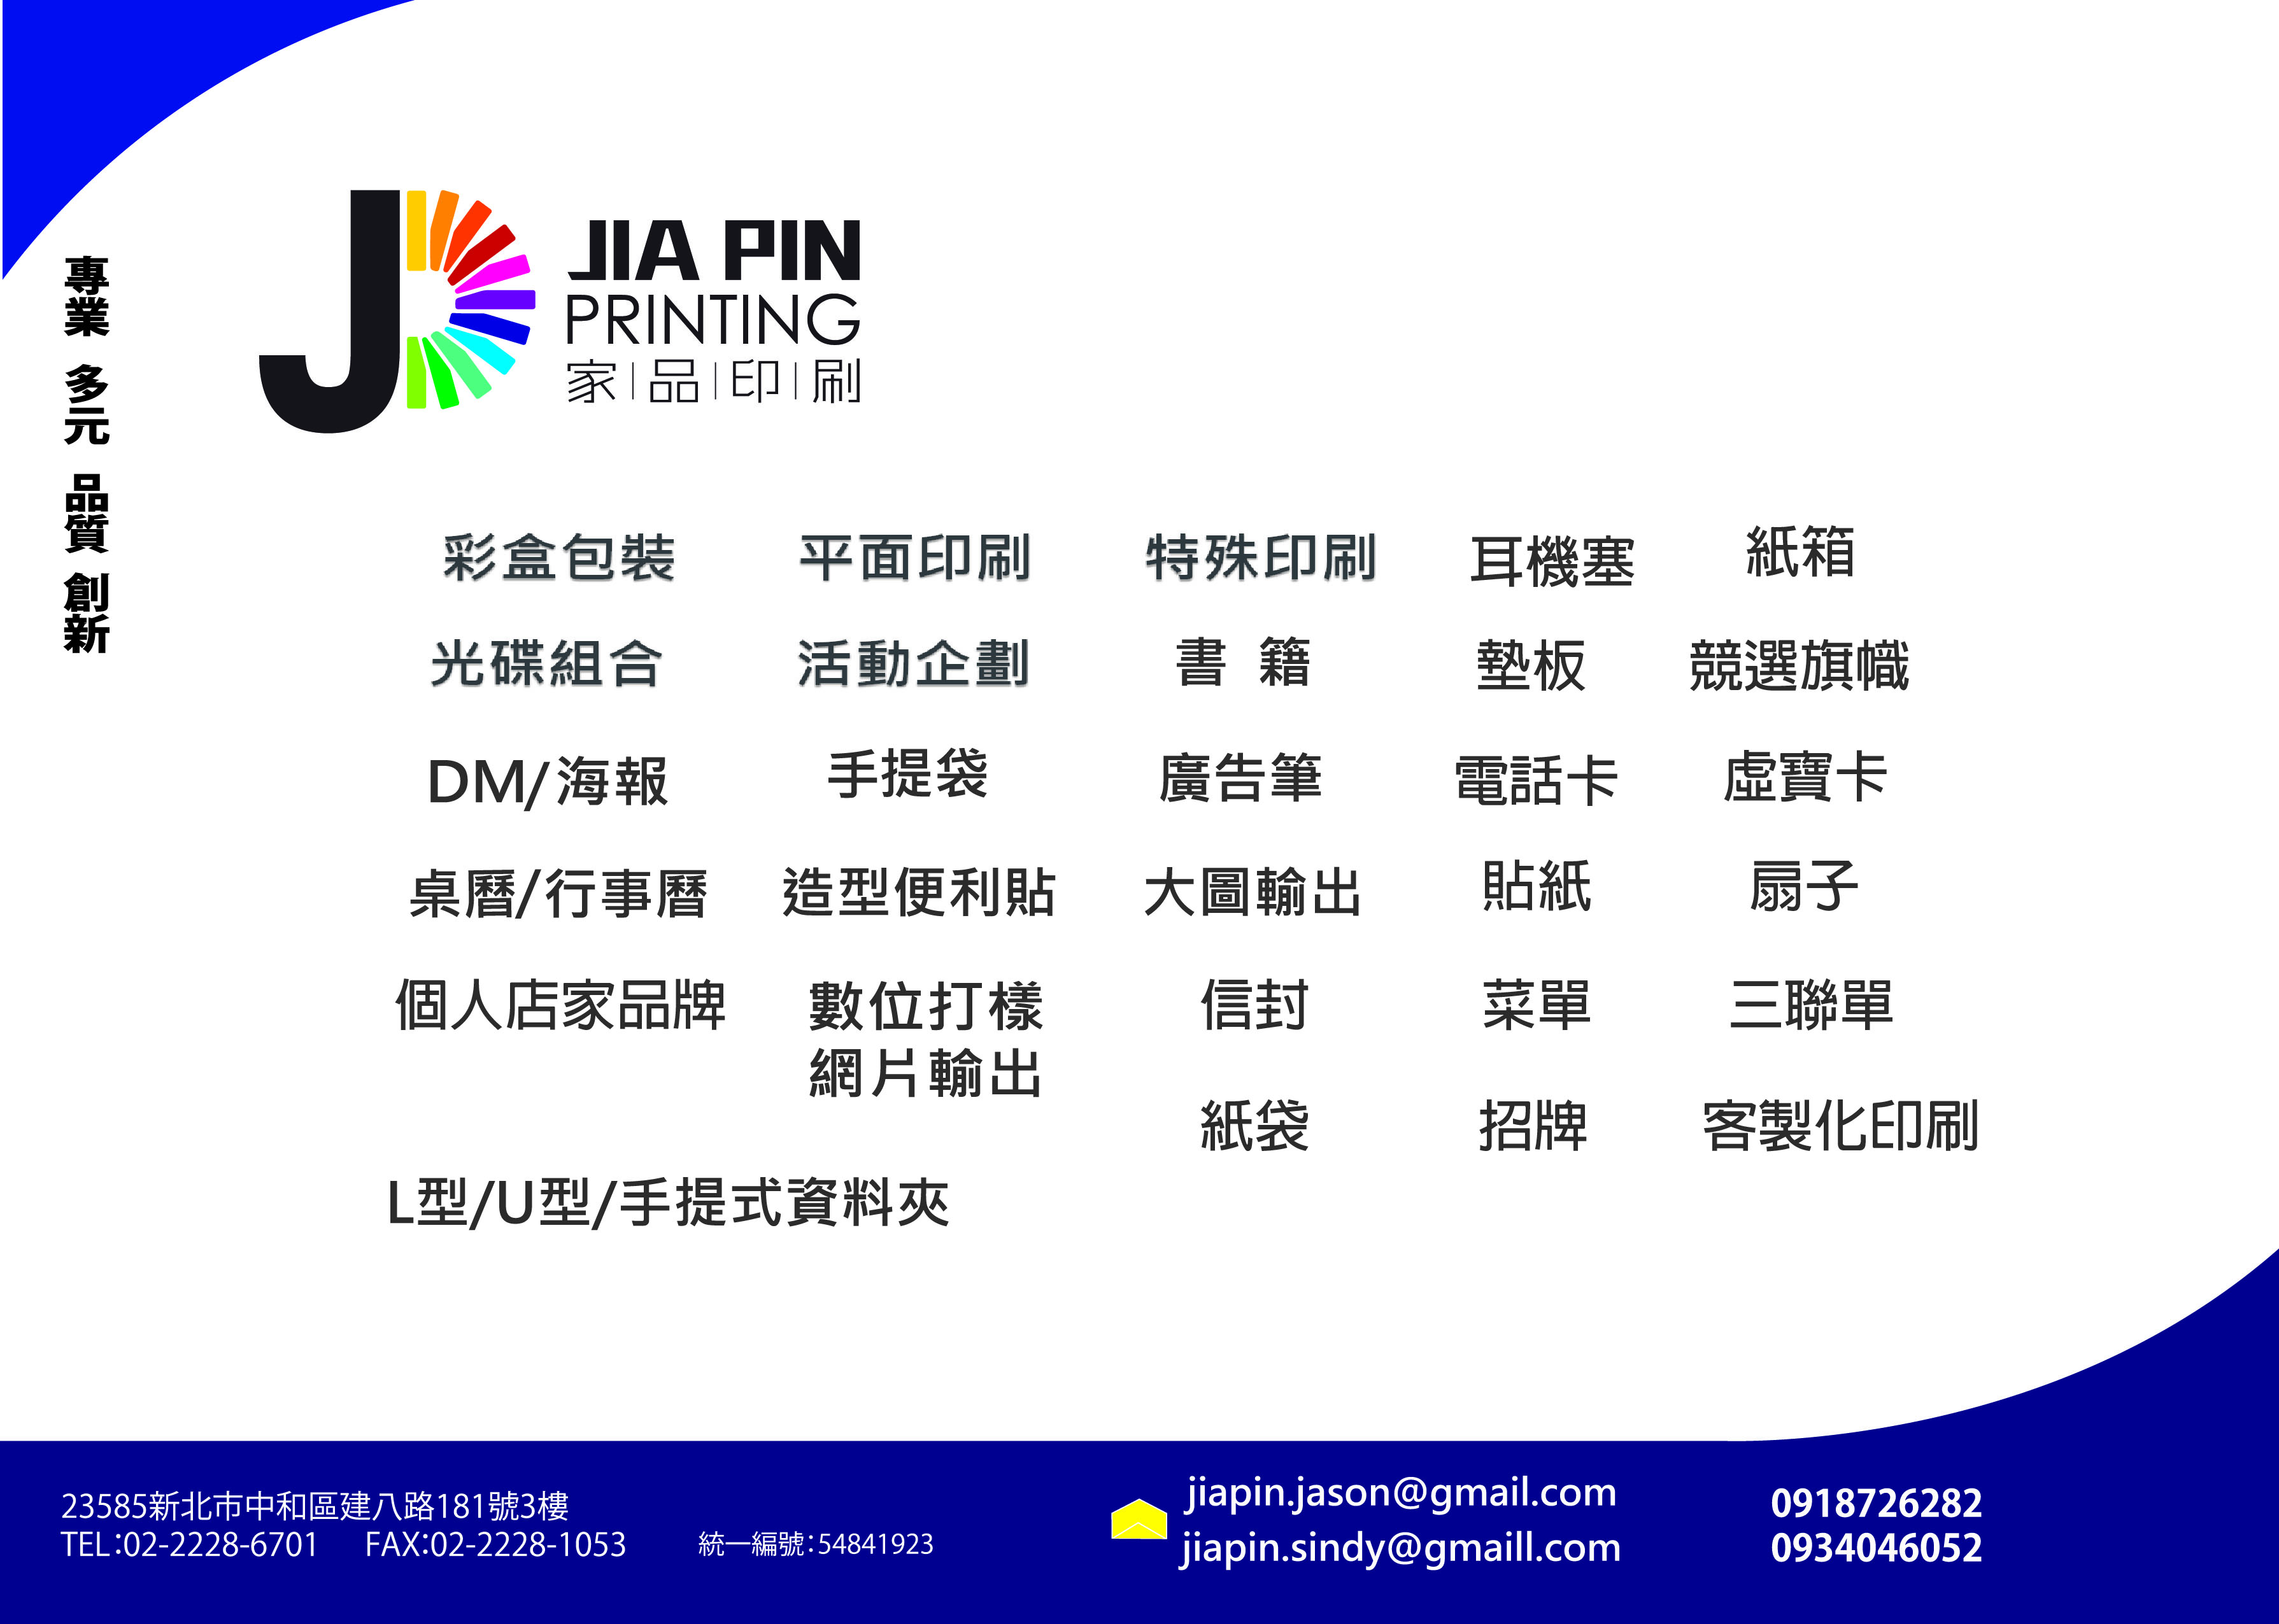 家品印刷有限公司